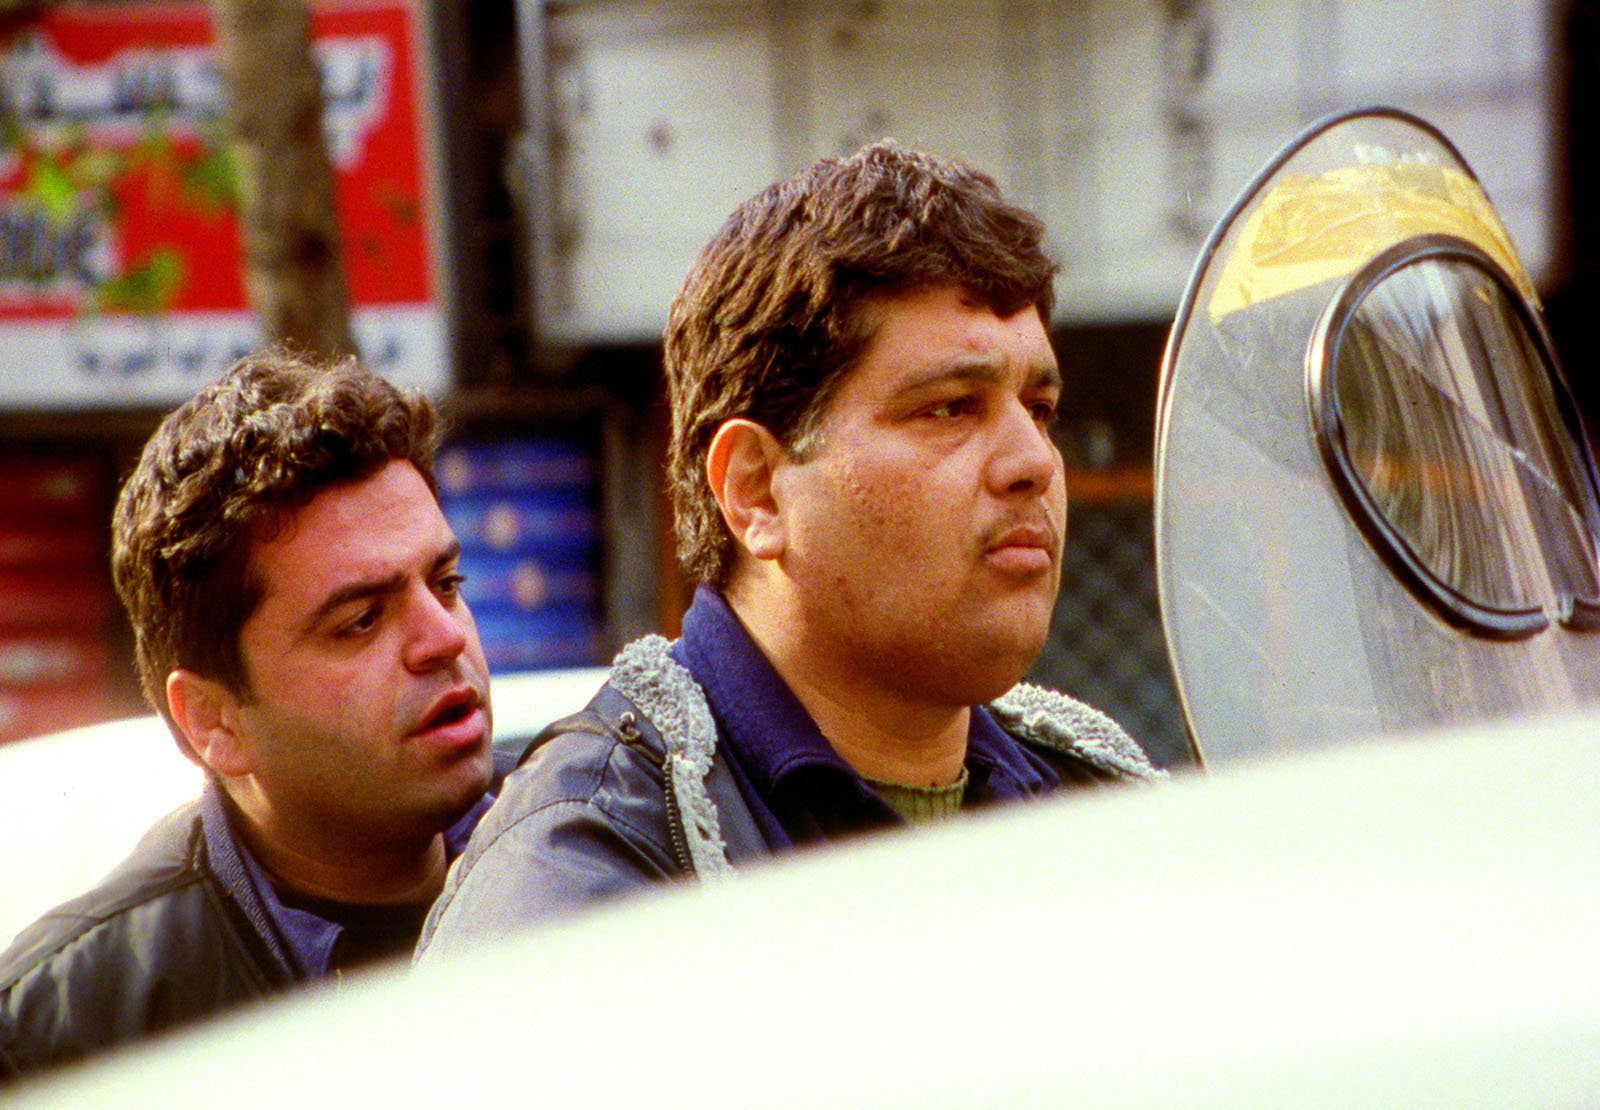 New York Film Festival 2003